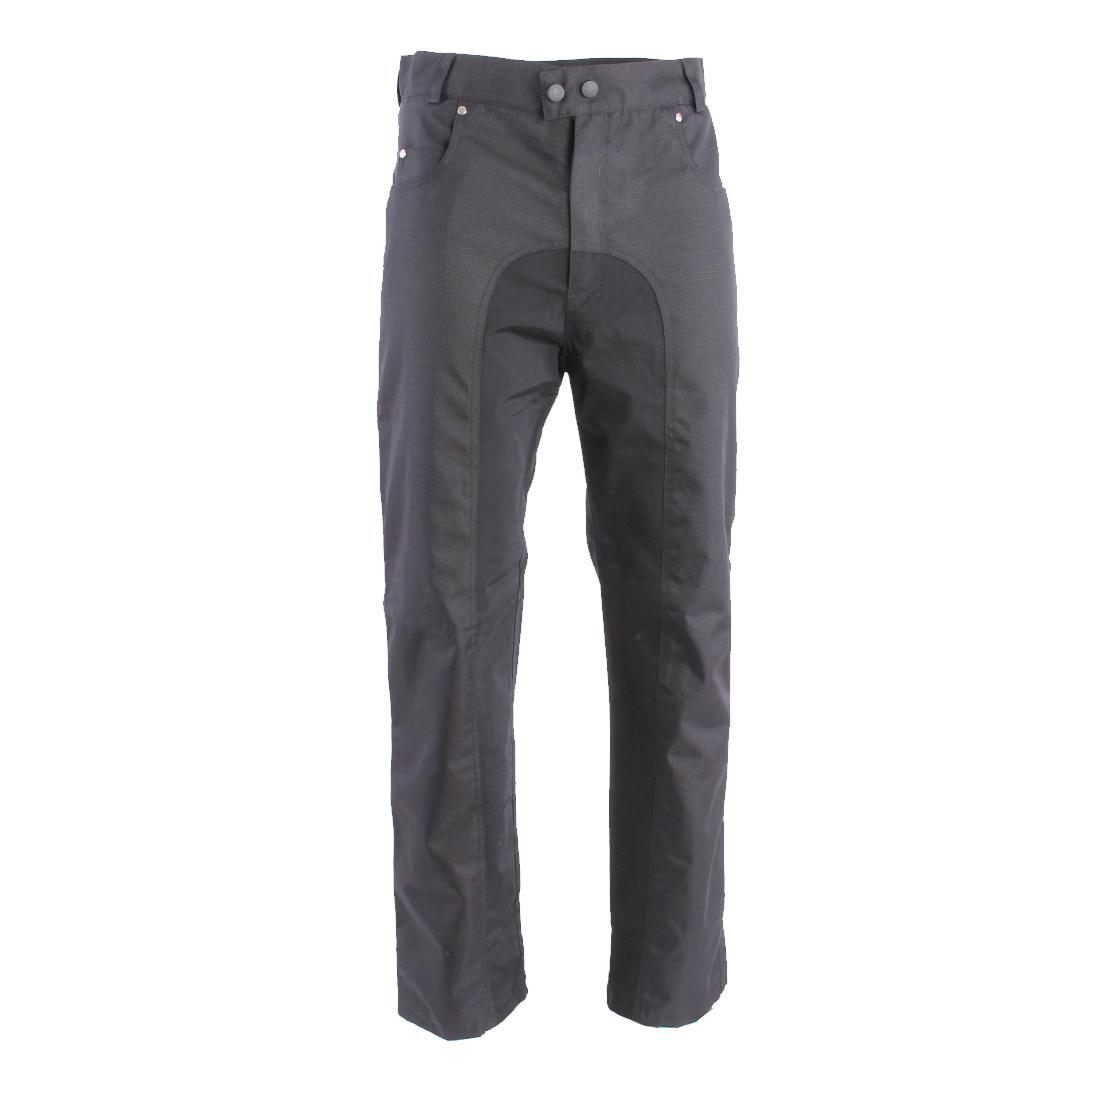 Kalhoty textilní - Velikost: 2XL